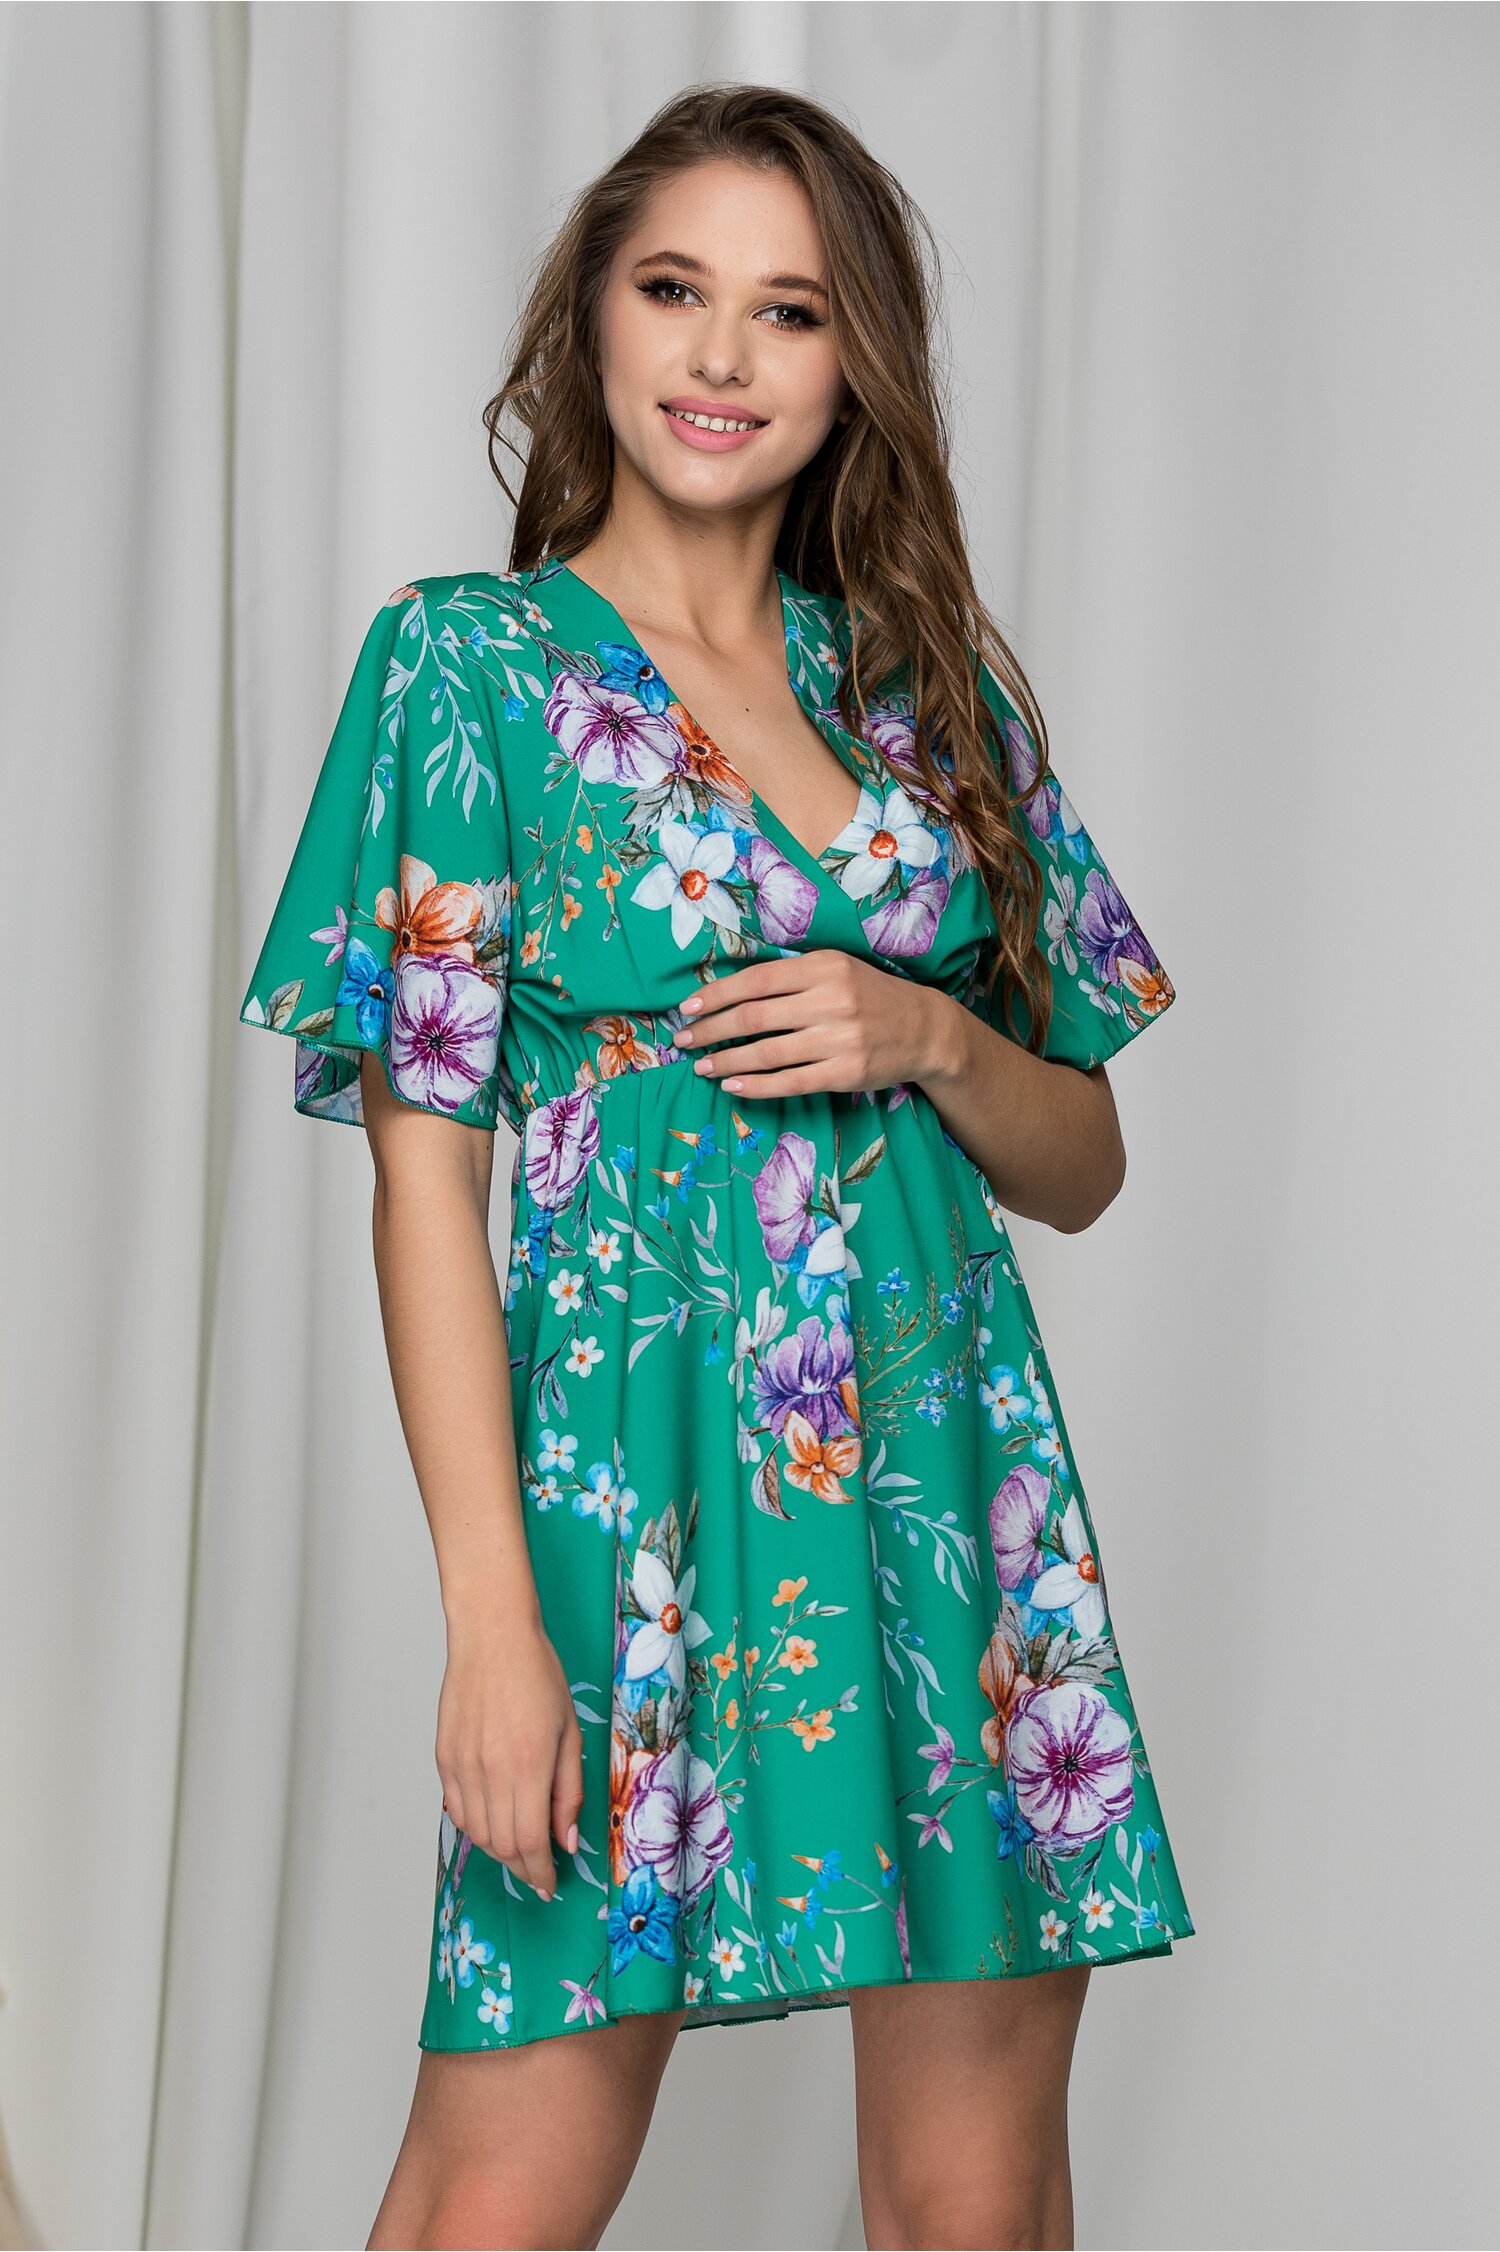 Rochie Casie verde vaporoasa cu imprimeuri florale si decolteu petrecut